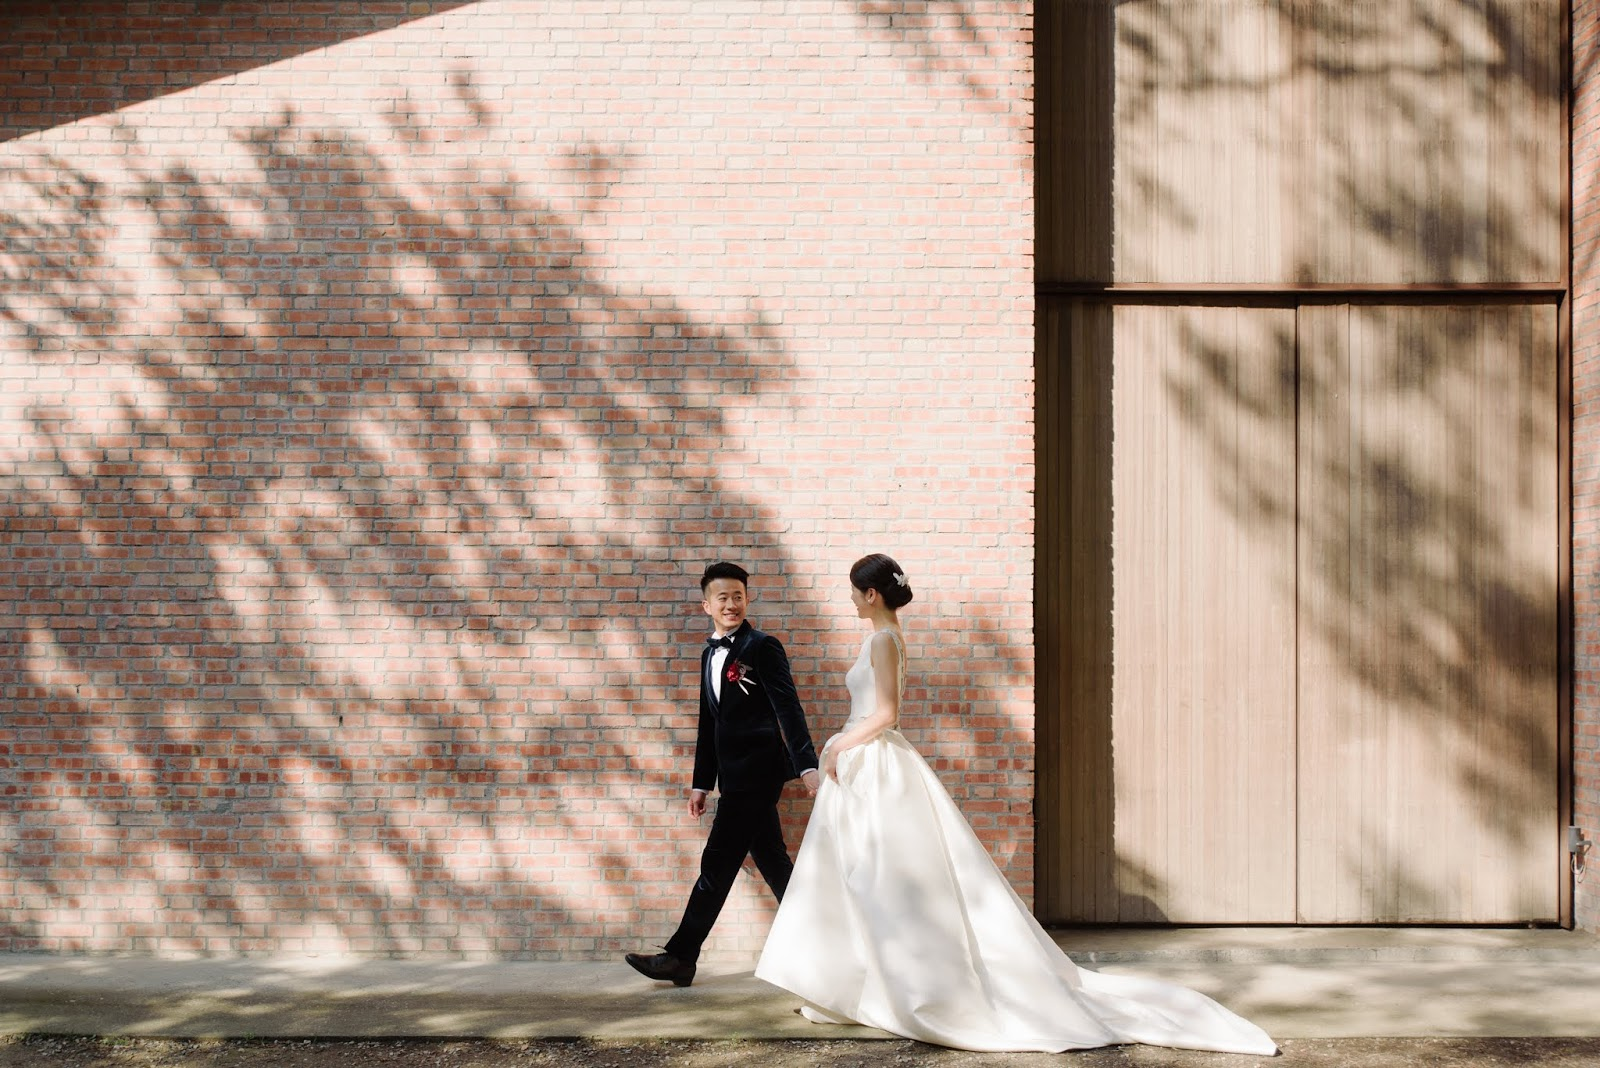 中部婚攝, 派大楊, 美式婚禮, 婚宴, 推薦, 彰化婚攝, buffet, getmarry, PTT, Wedding,